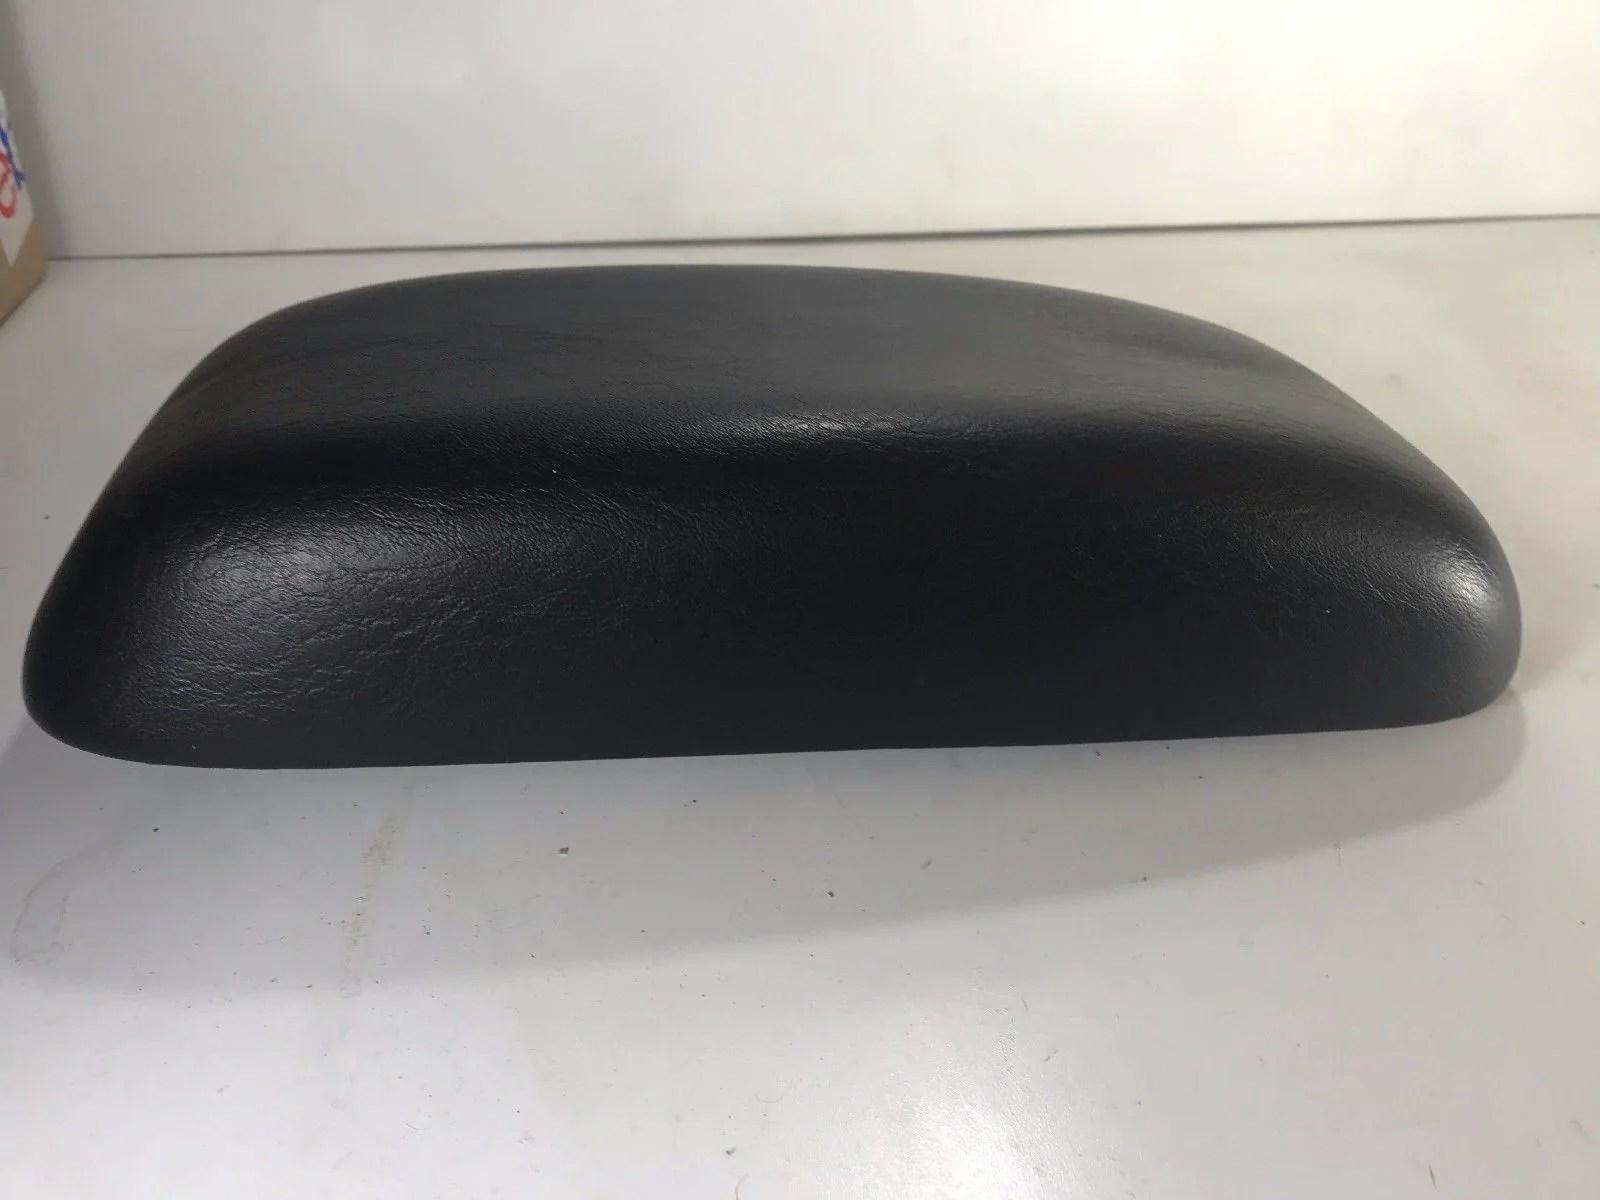 2000 2005 dodge neon center console arm rest armrest lid top black  [ 1600 x 1200 Pixel ]